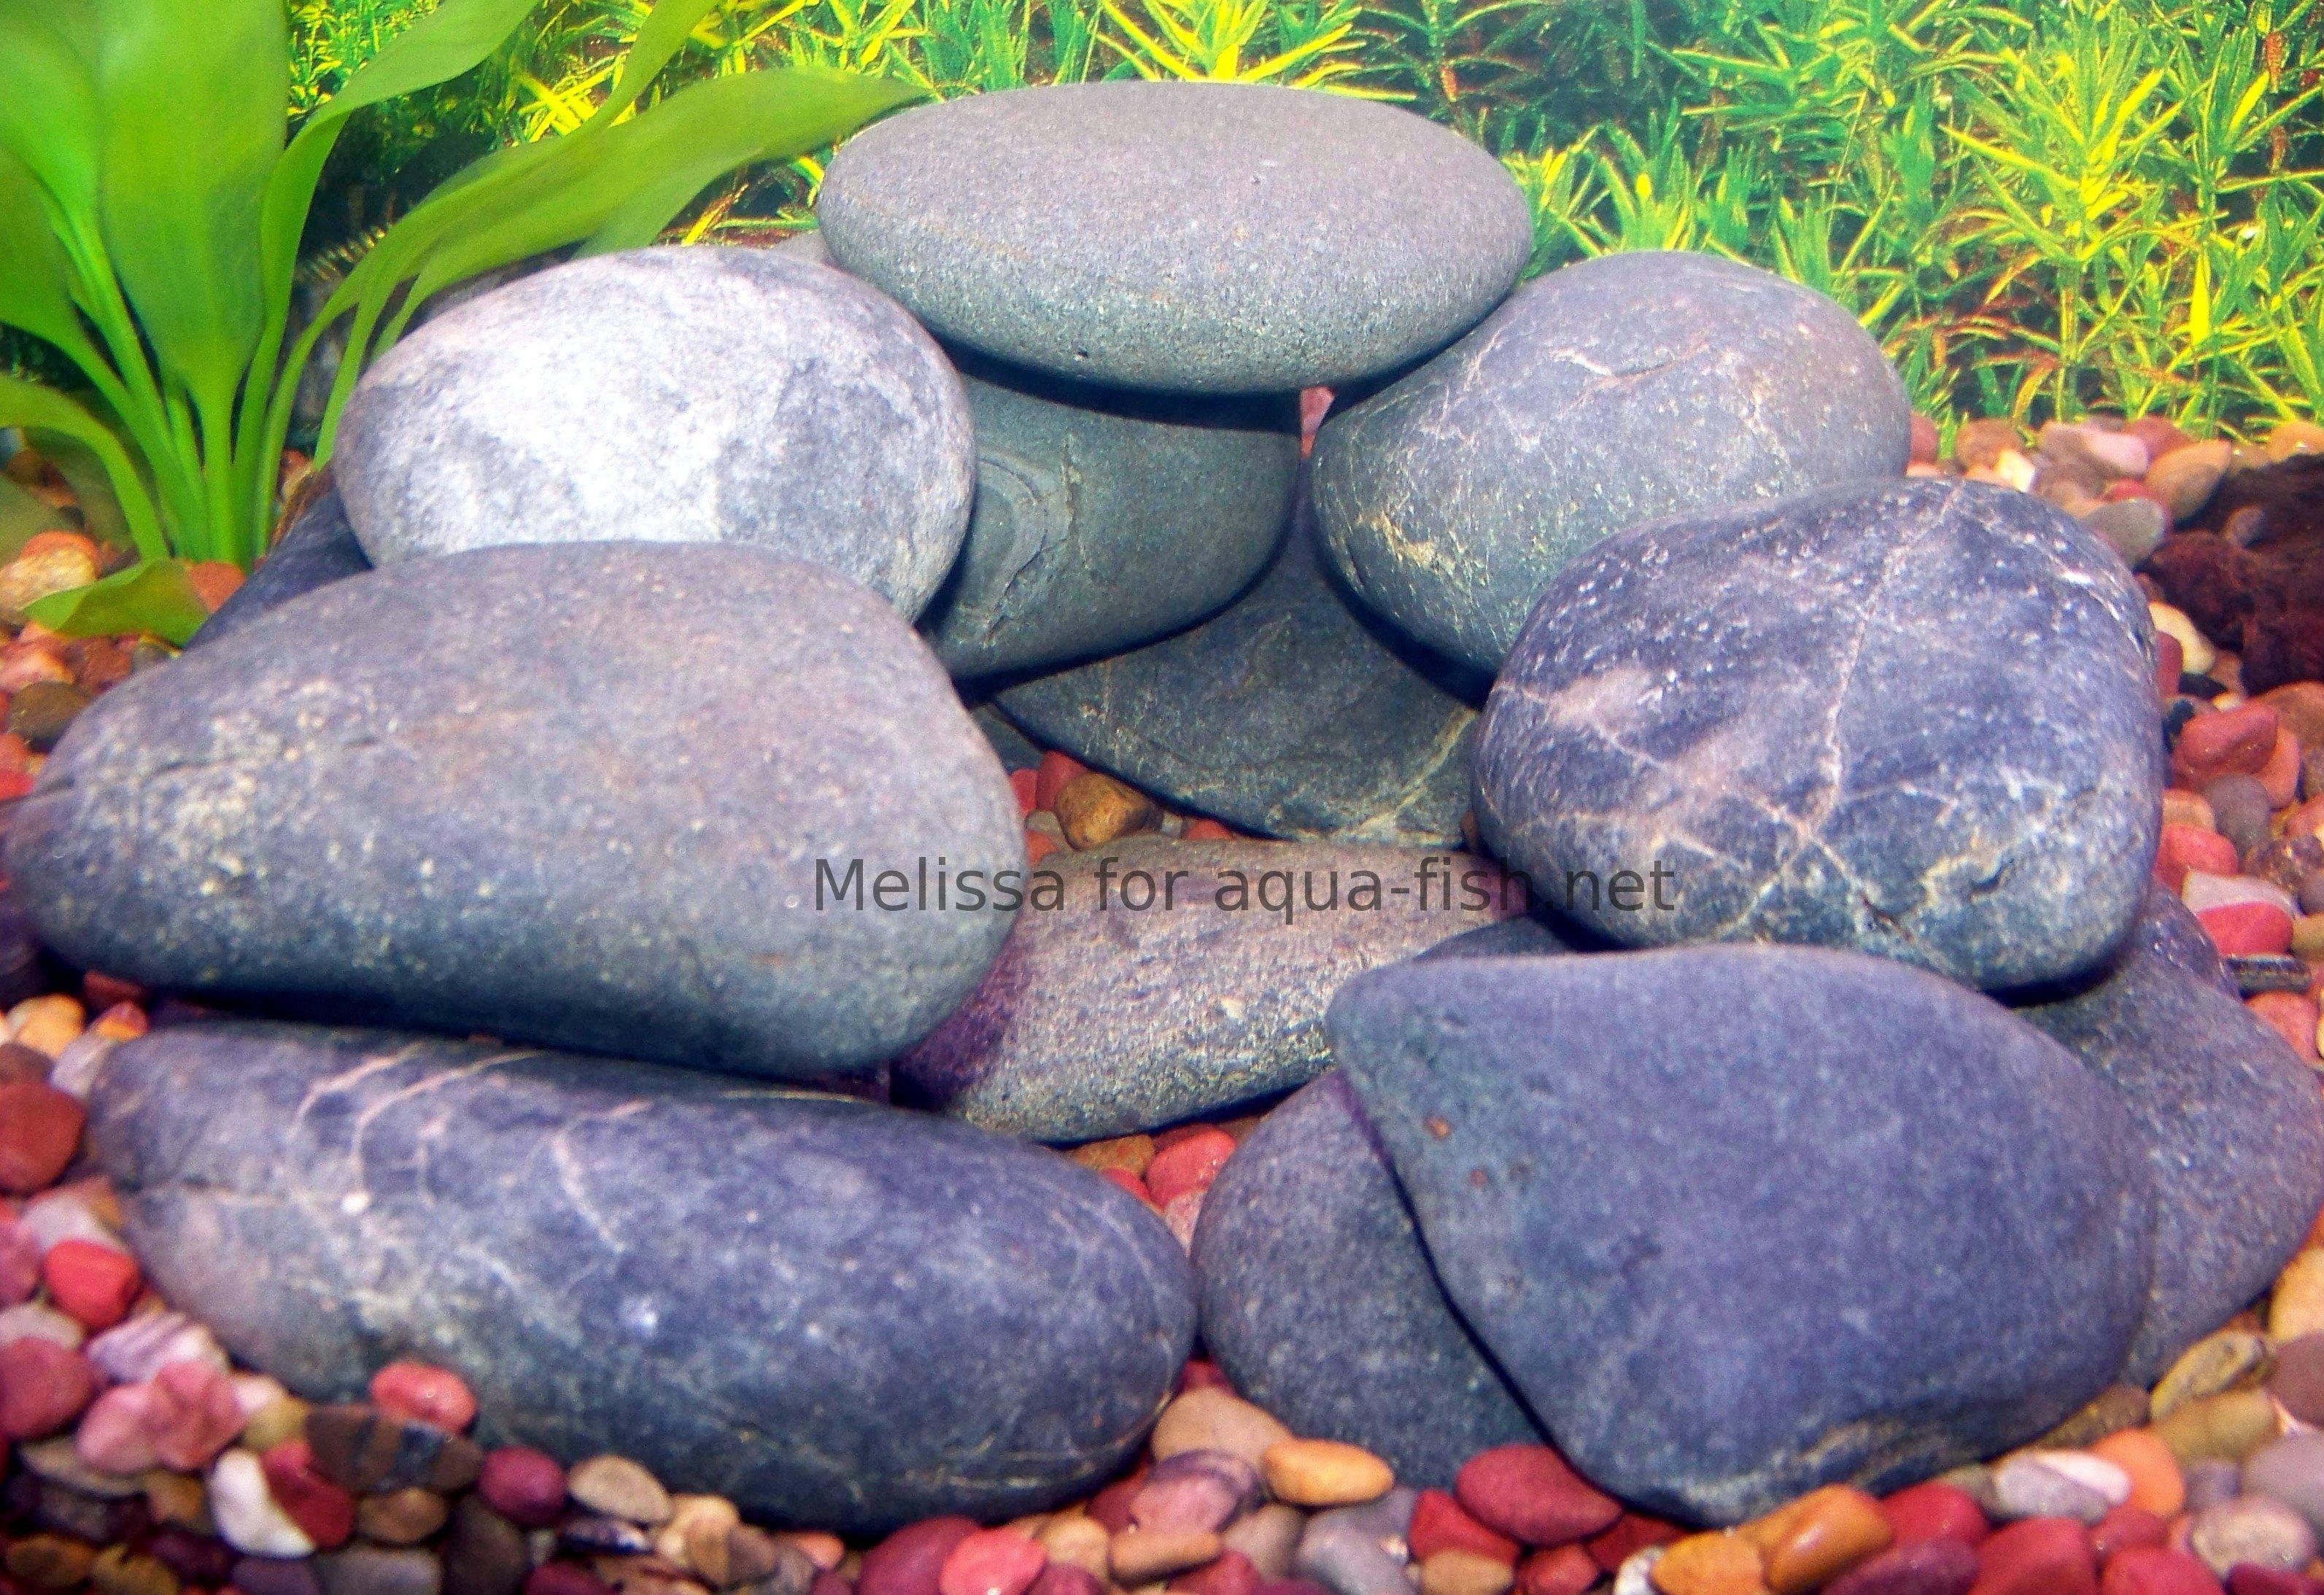 Aquarium fish in rock cave homedesignpictures for Fish aquarium rocks